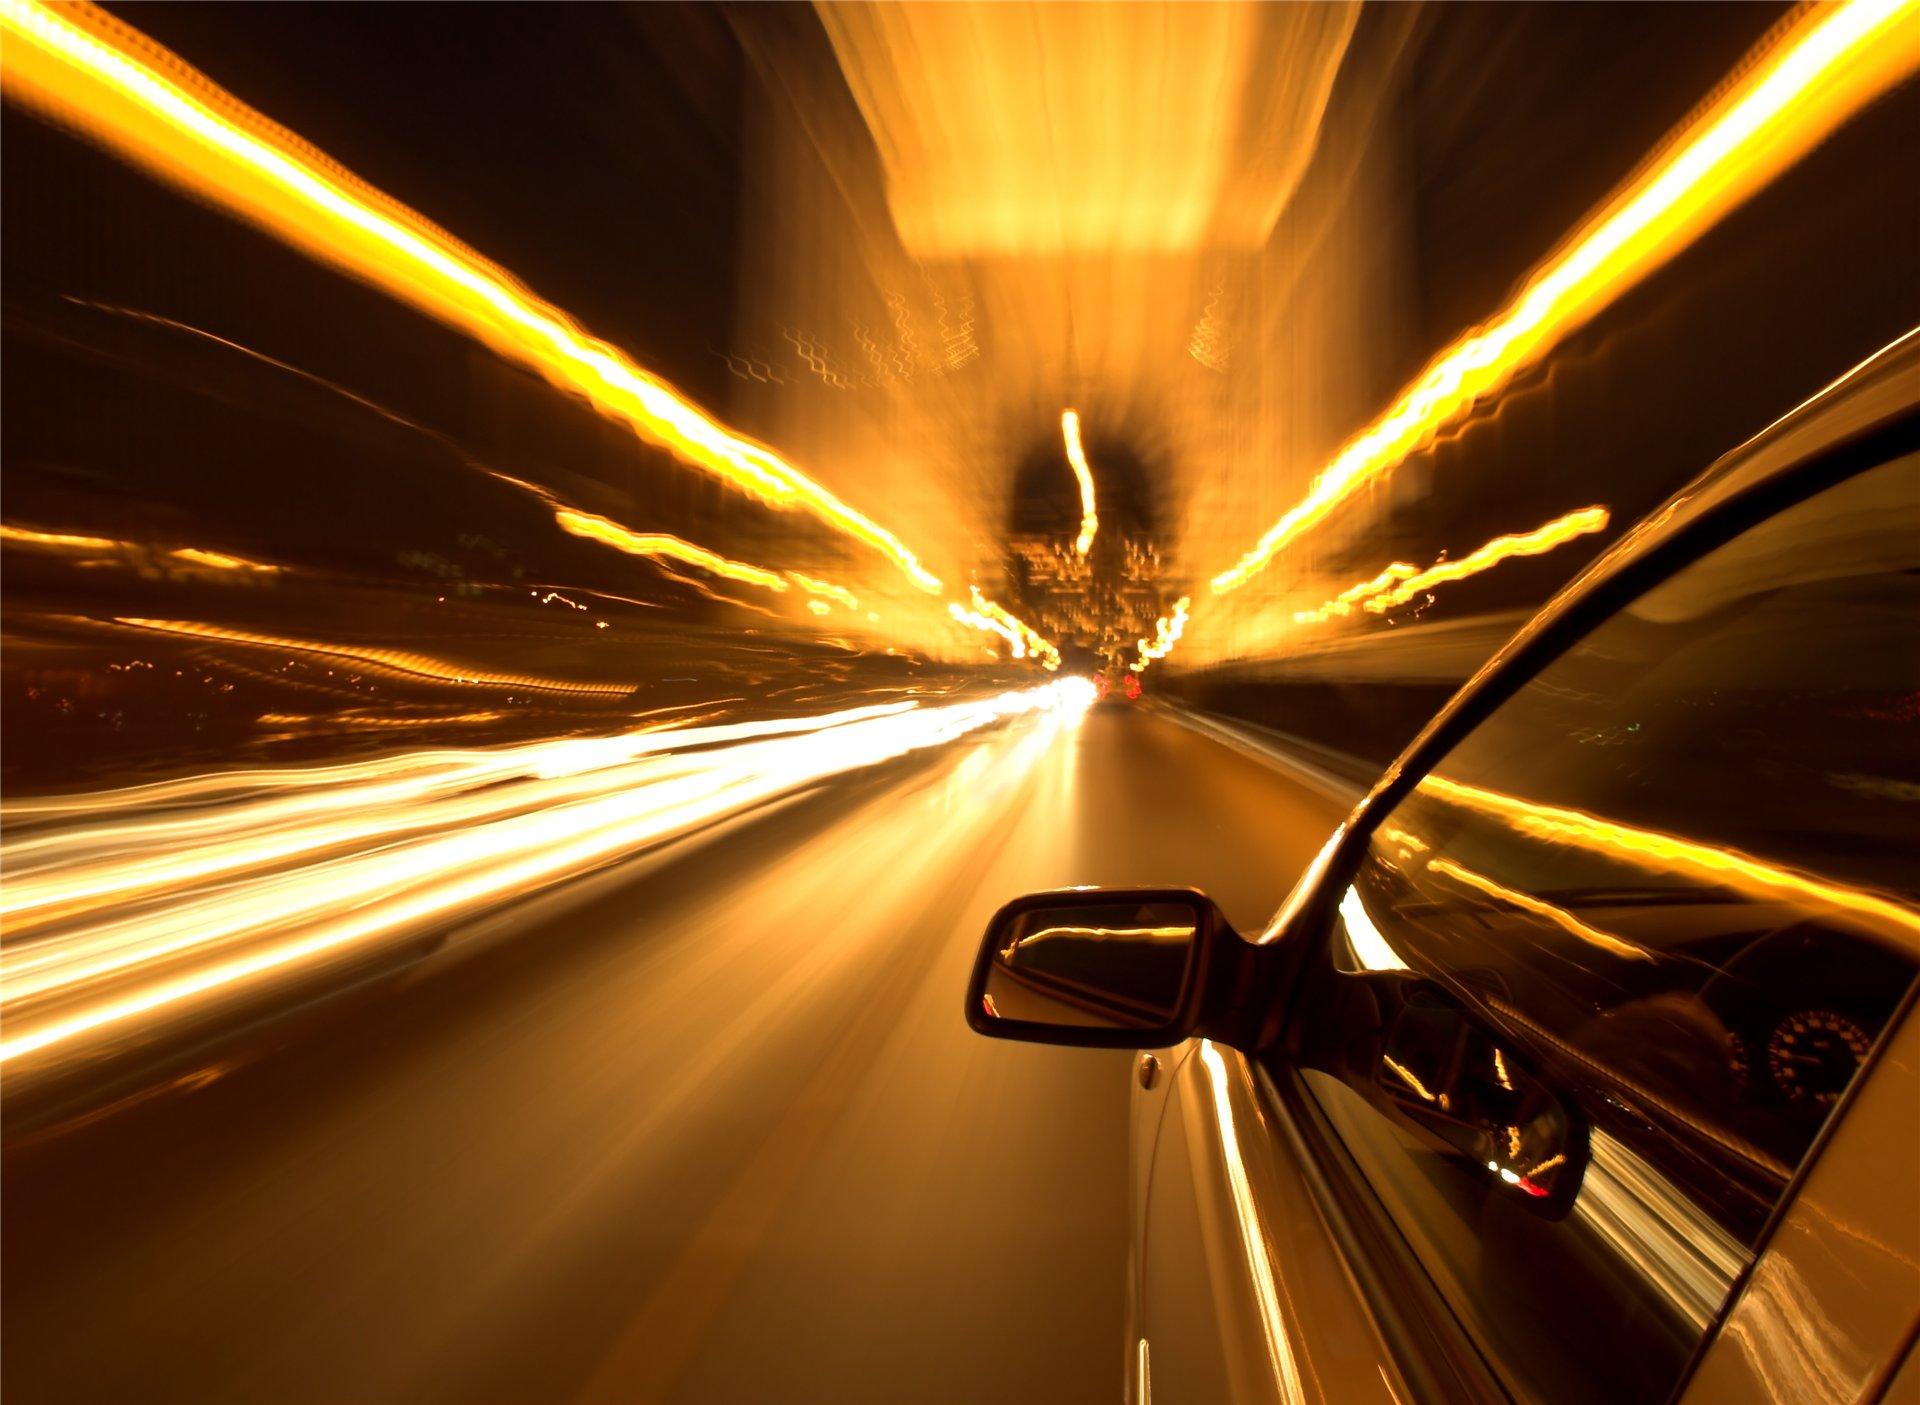 Картинки автомобильная скорость